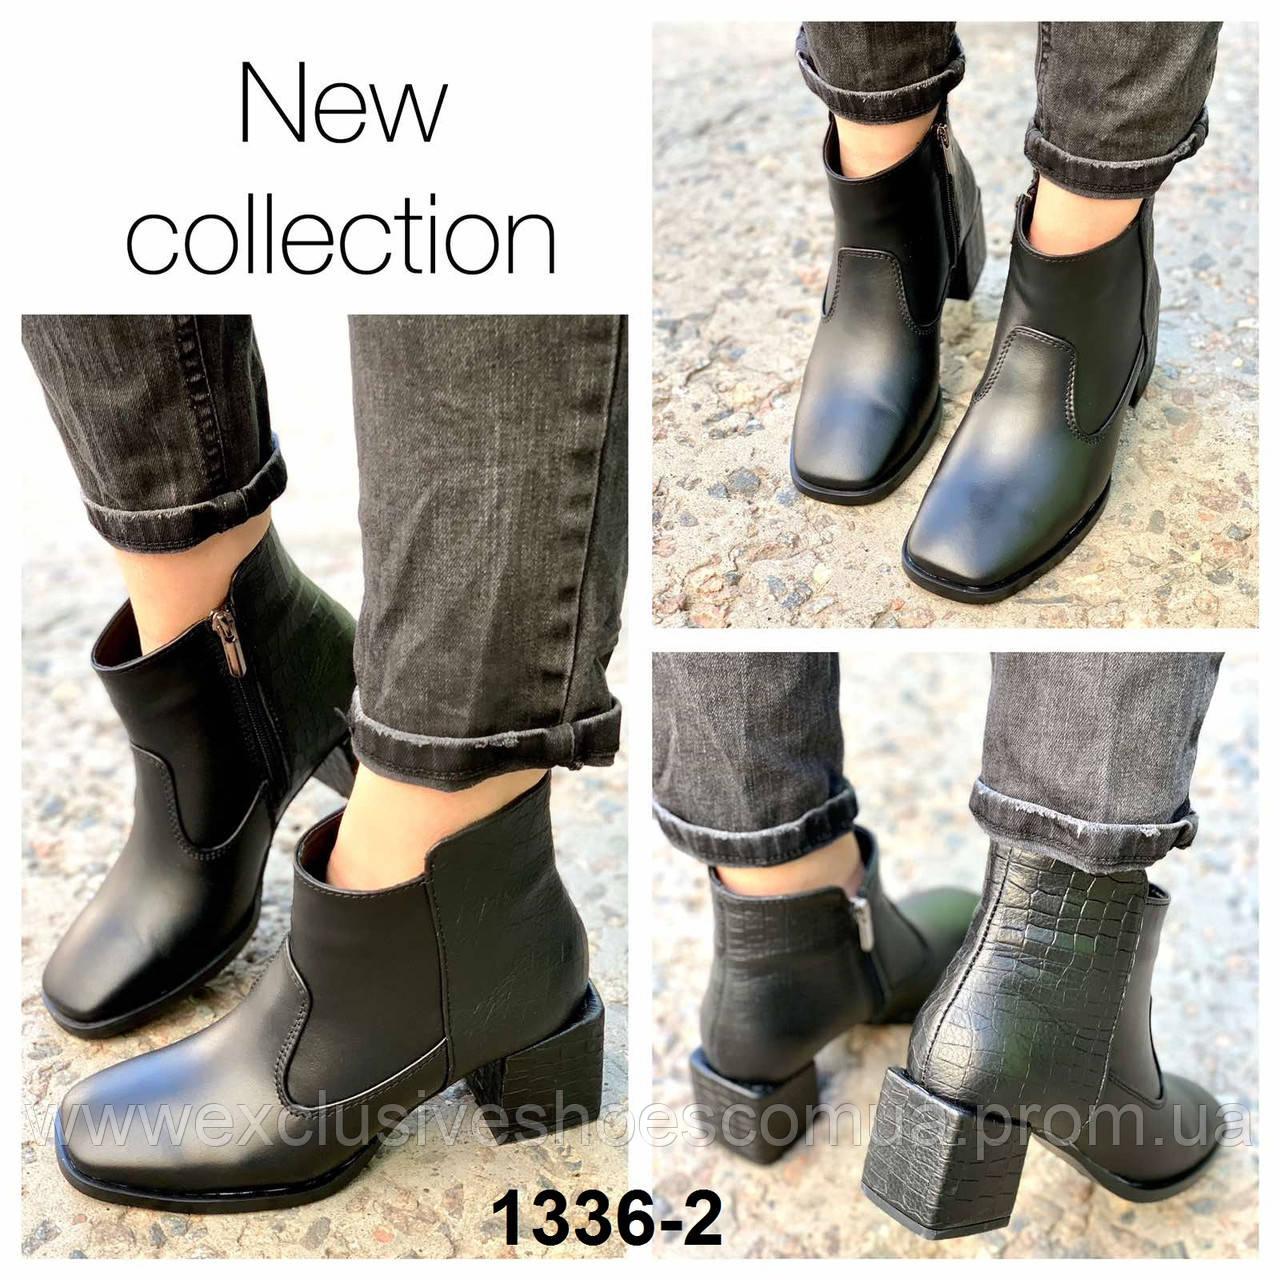 Ботинки женские демисезон кожаные черные на каблуке